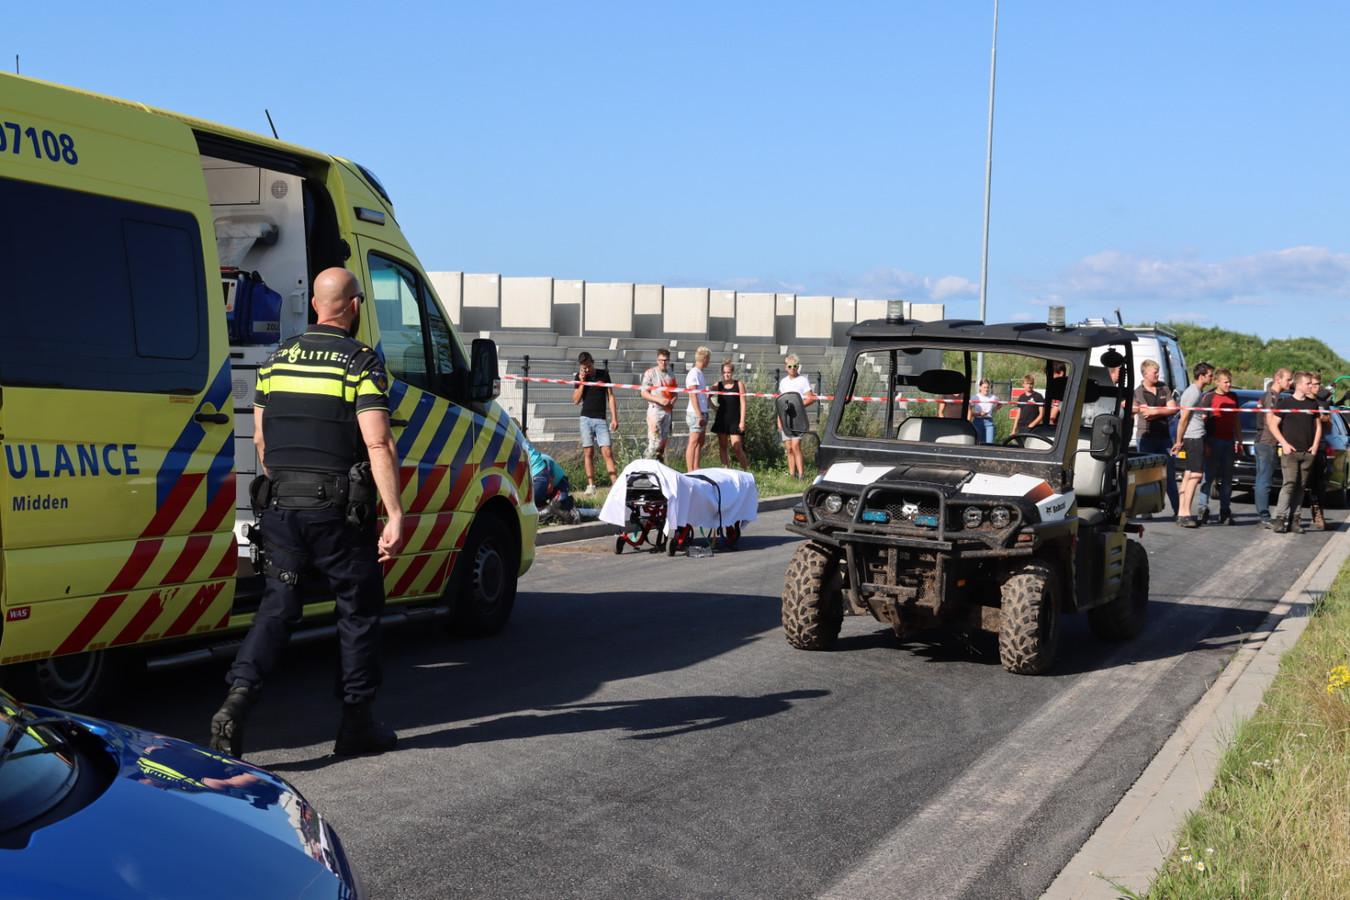 De buggy op de Grote Bosweg in Barneveld, waarmee een 16-jarige jongen werd aangereden door een leeftijdsgenoot. Hij raakte zwaargewond.